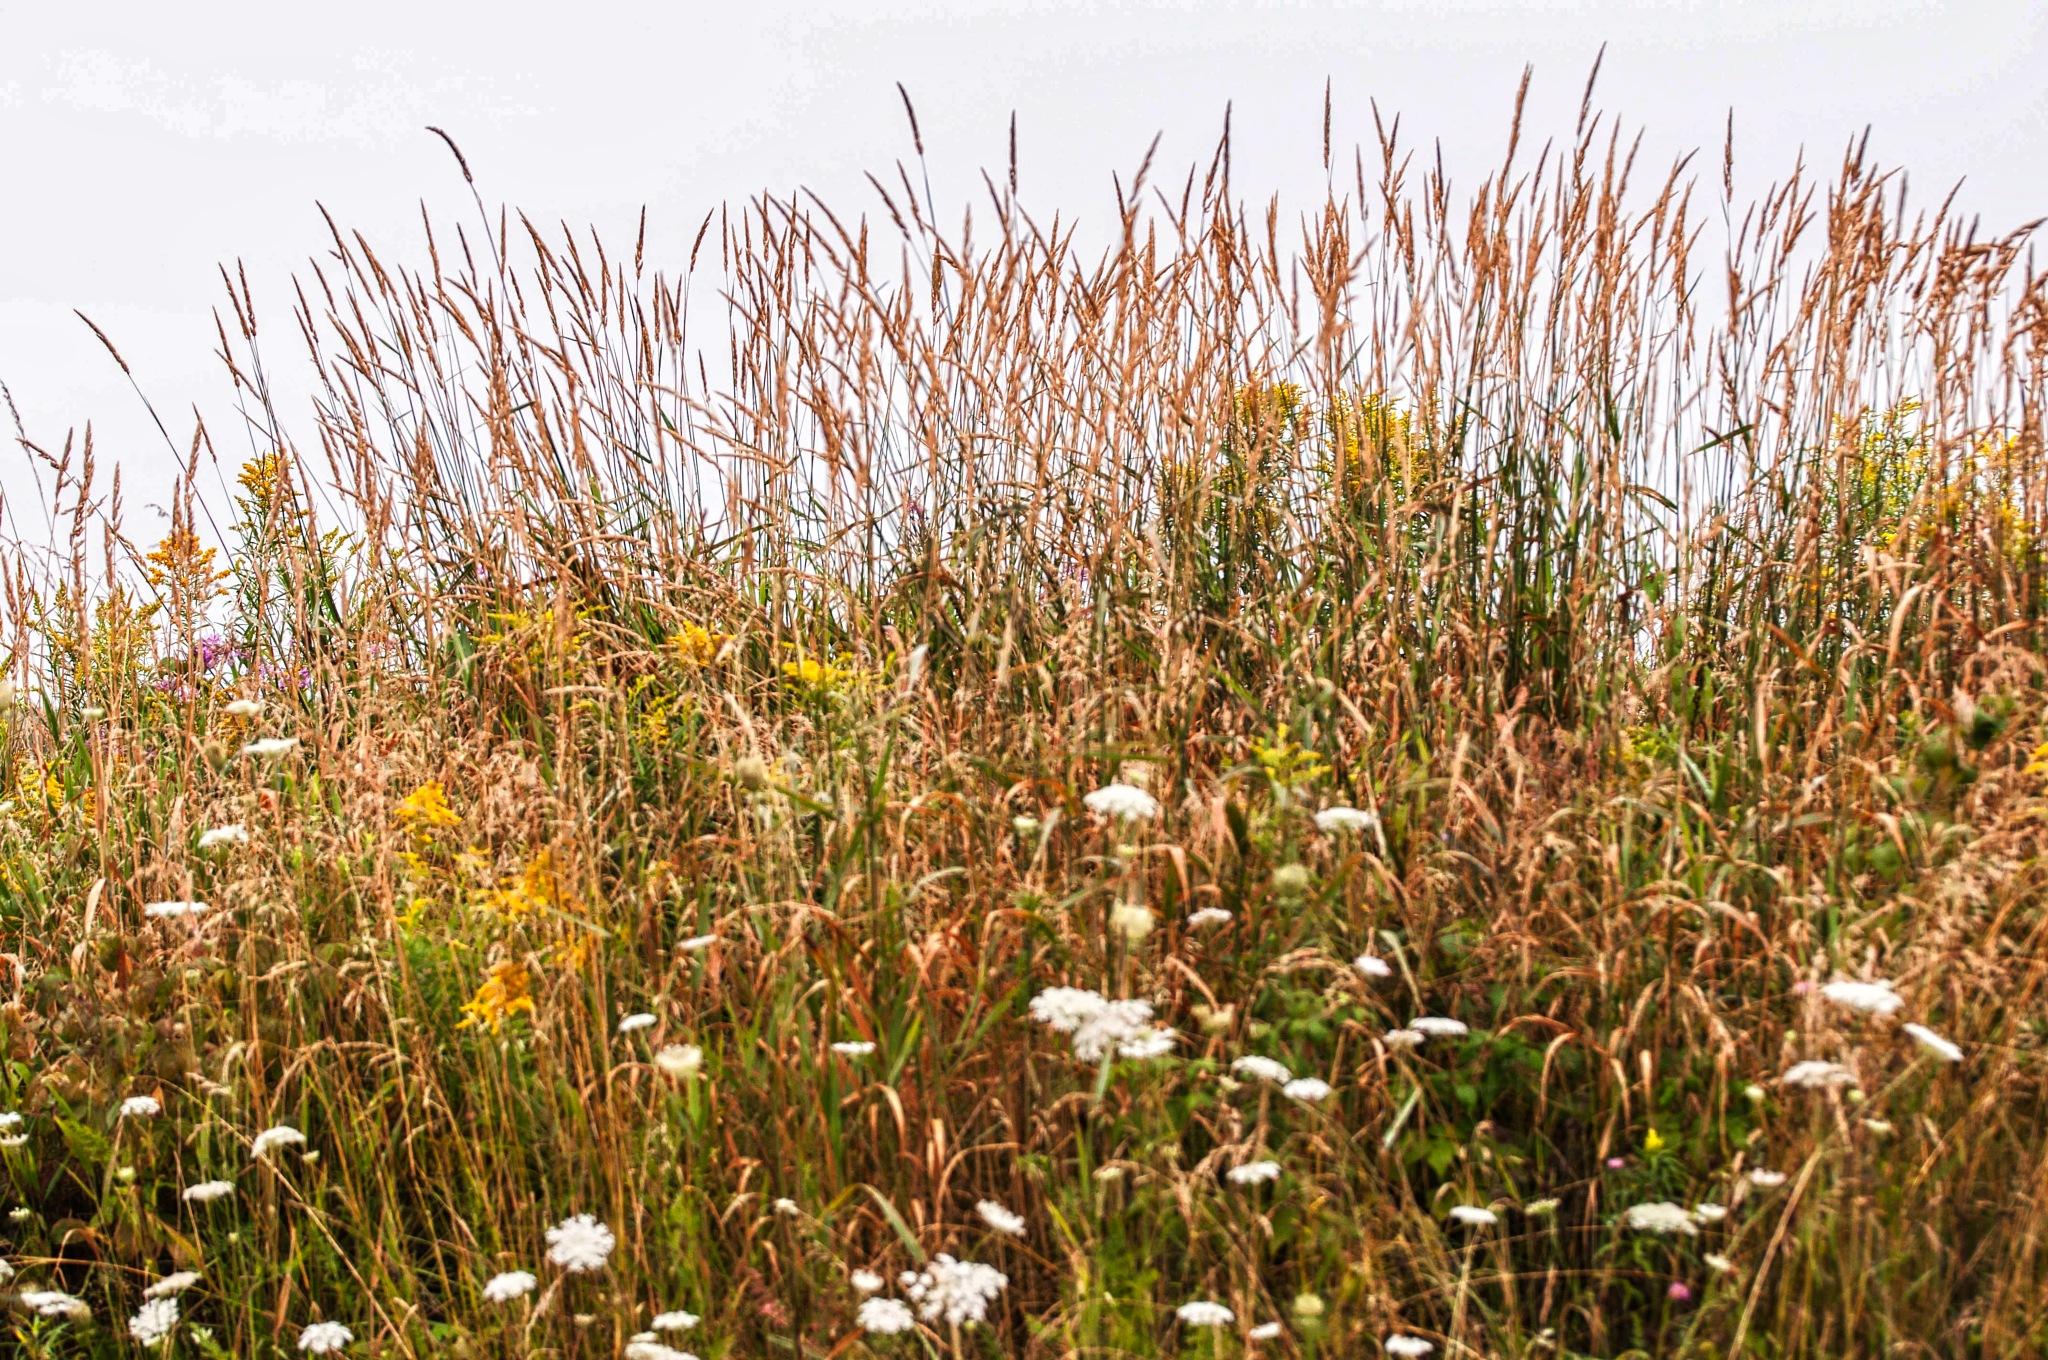 Tall Grass by Wayne L. Talbot